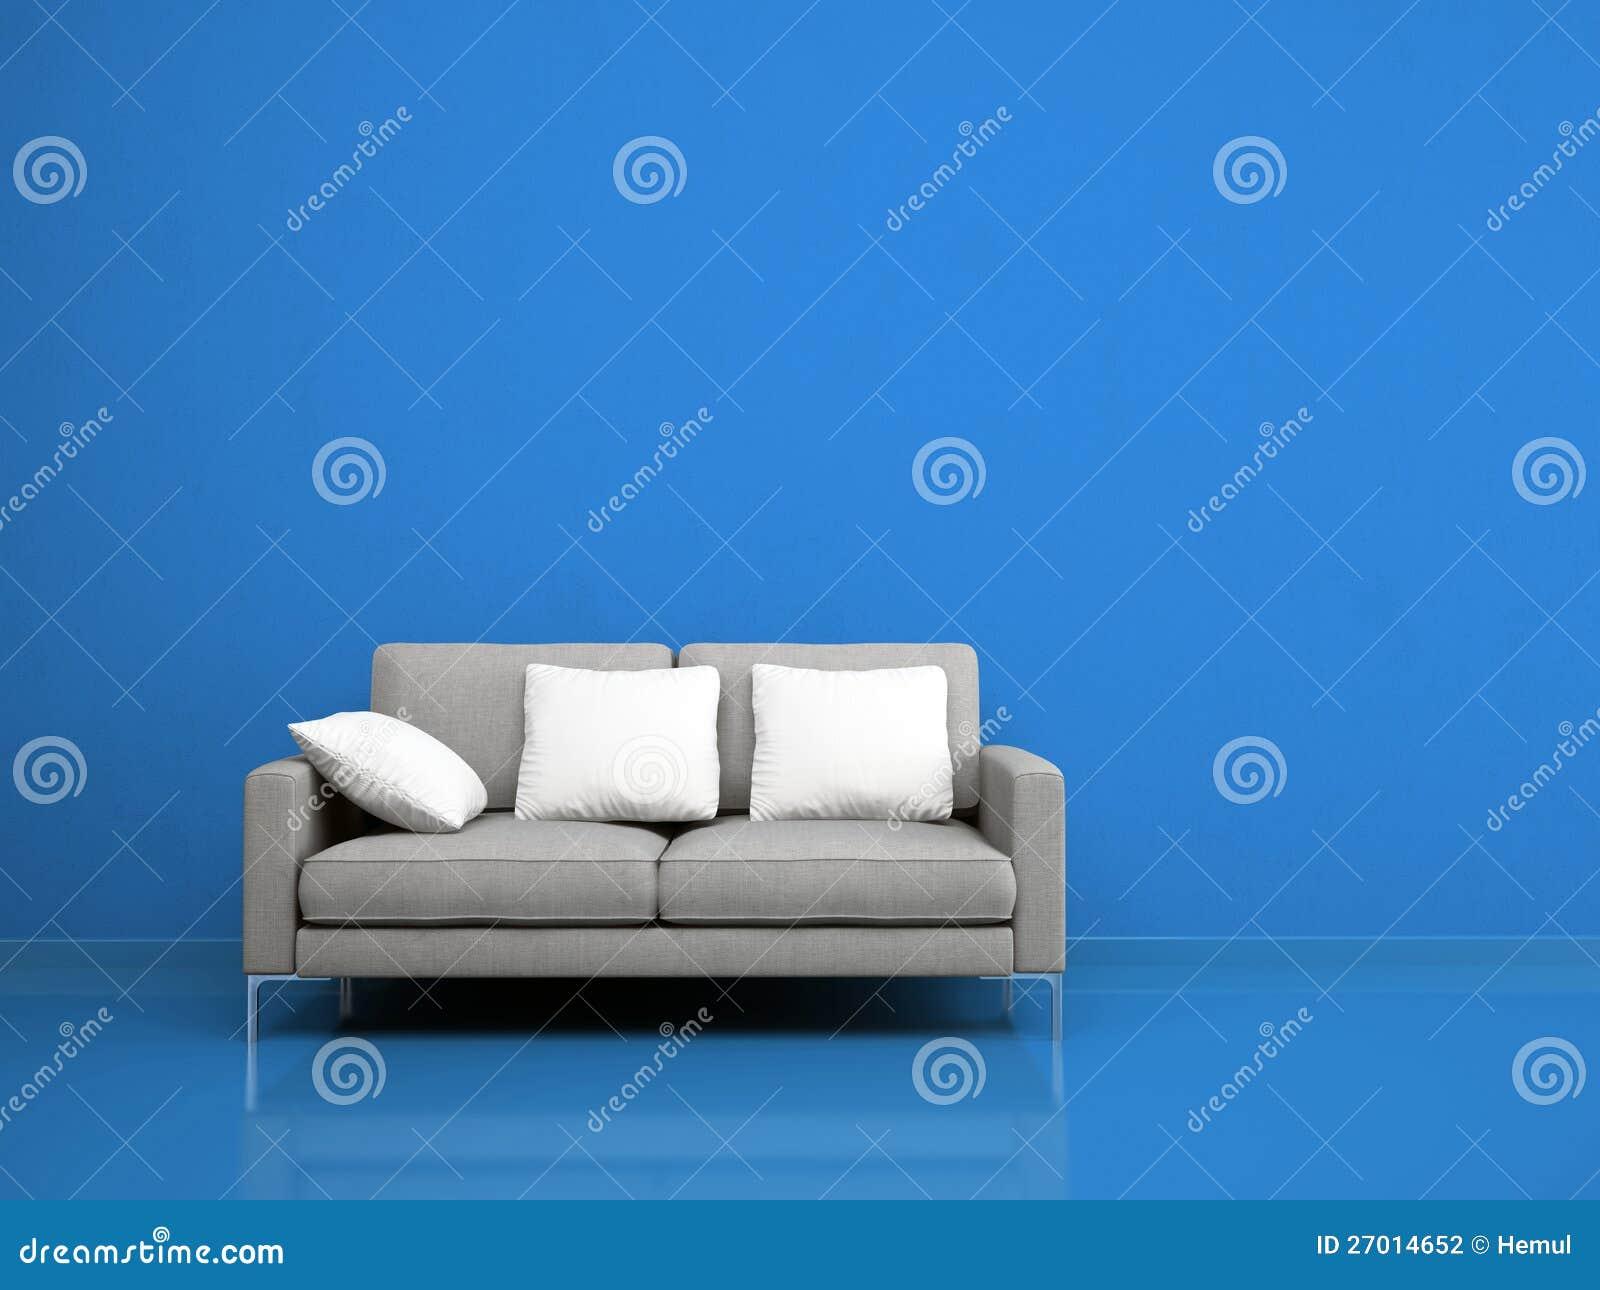 Download Modernes Graues Sofa Auf Der Blauen Wand Stock Abbildung    Illustration Von Möbel, Rest